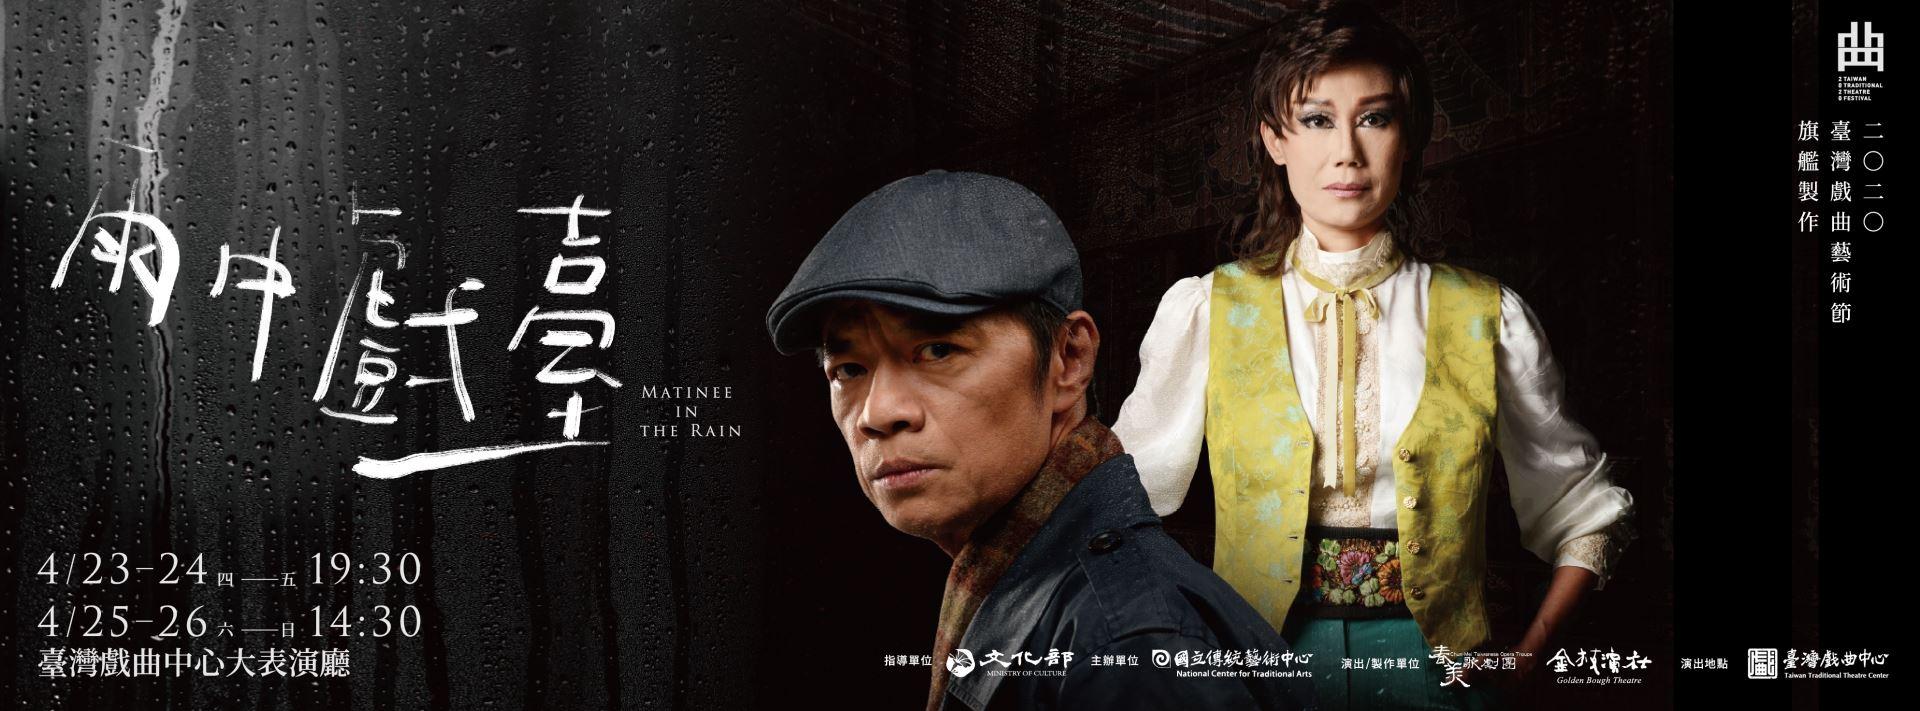 2020臺灣戲曲藝術節 旗艦製作《雨中戲臺》「另開新視窗」